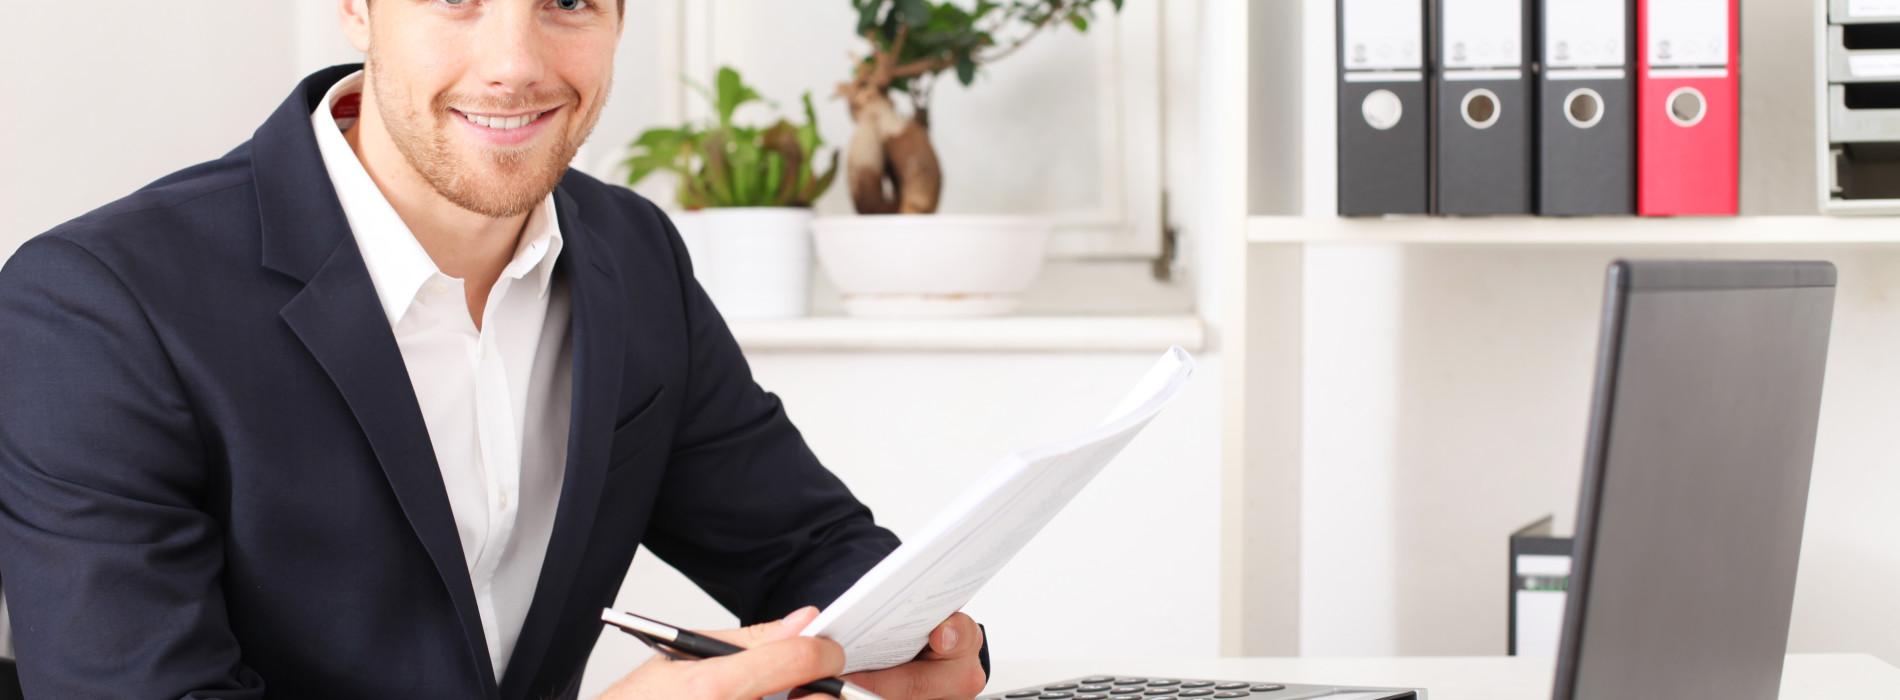 Pozytywna historia kredytowa – w jaki sposób ją budować?